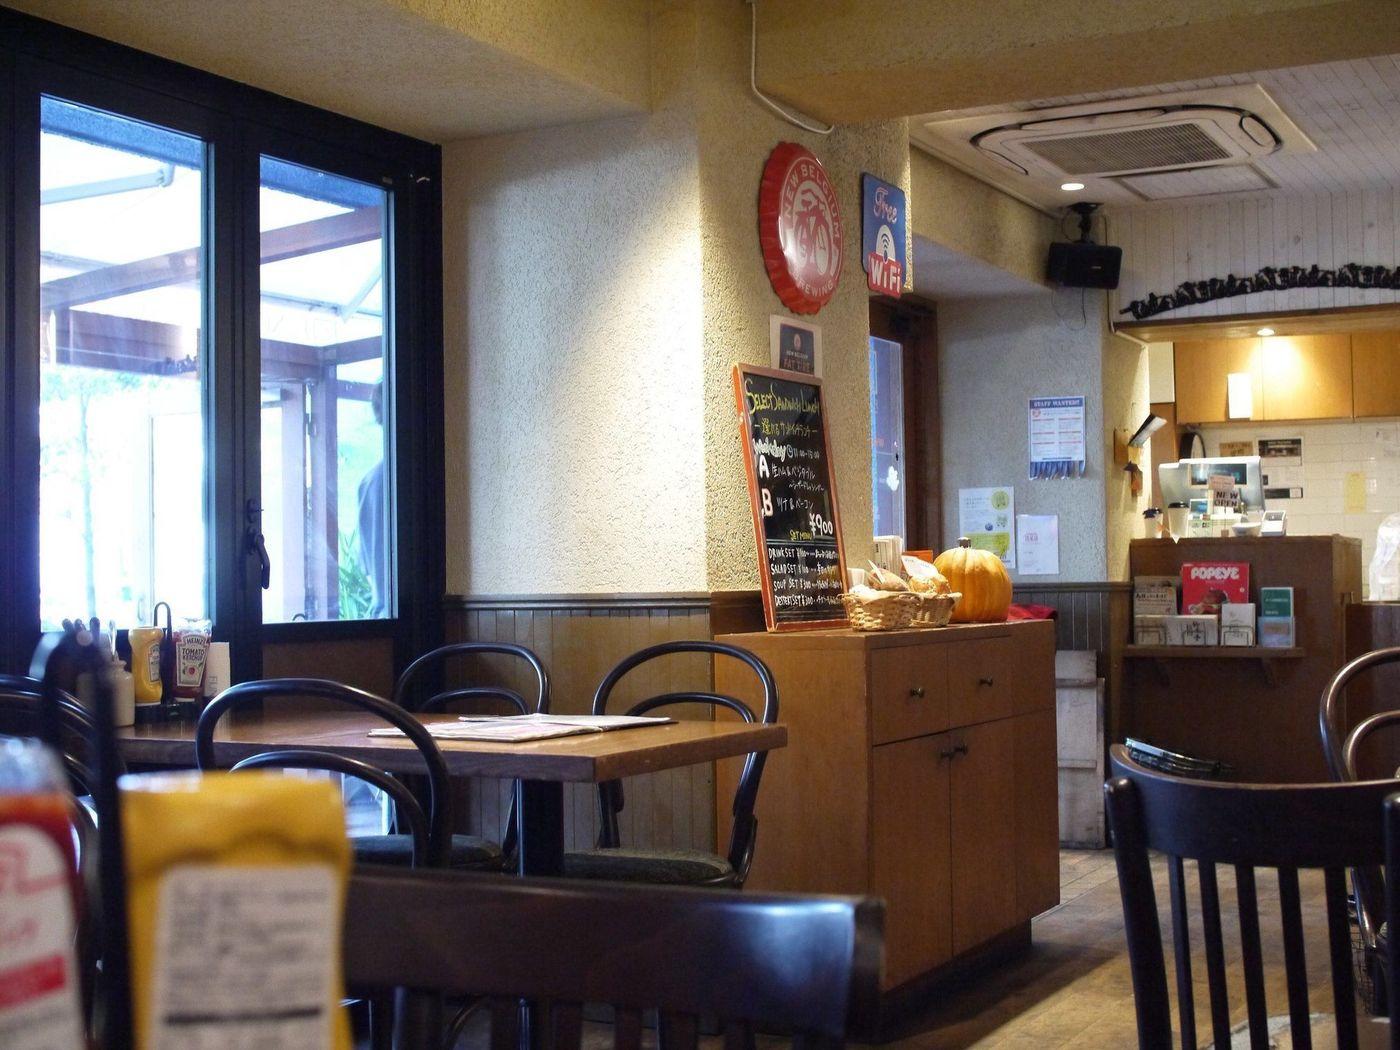 三軒茶屋の個性が光るレストランに行こう!おすすめ7選◎の画像